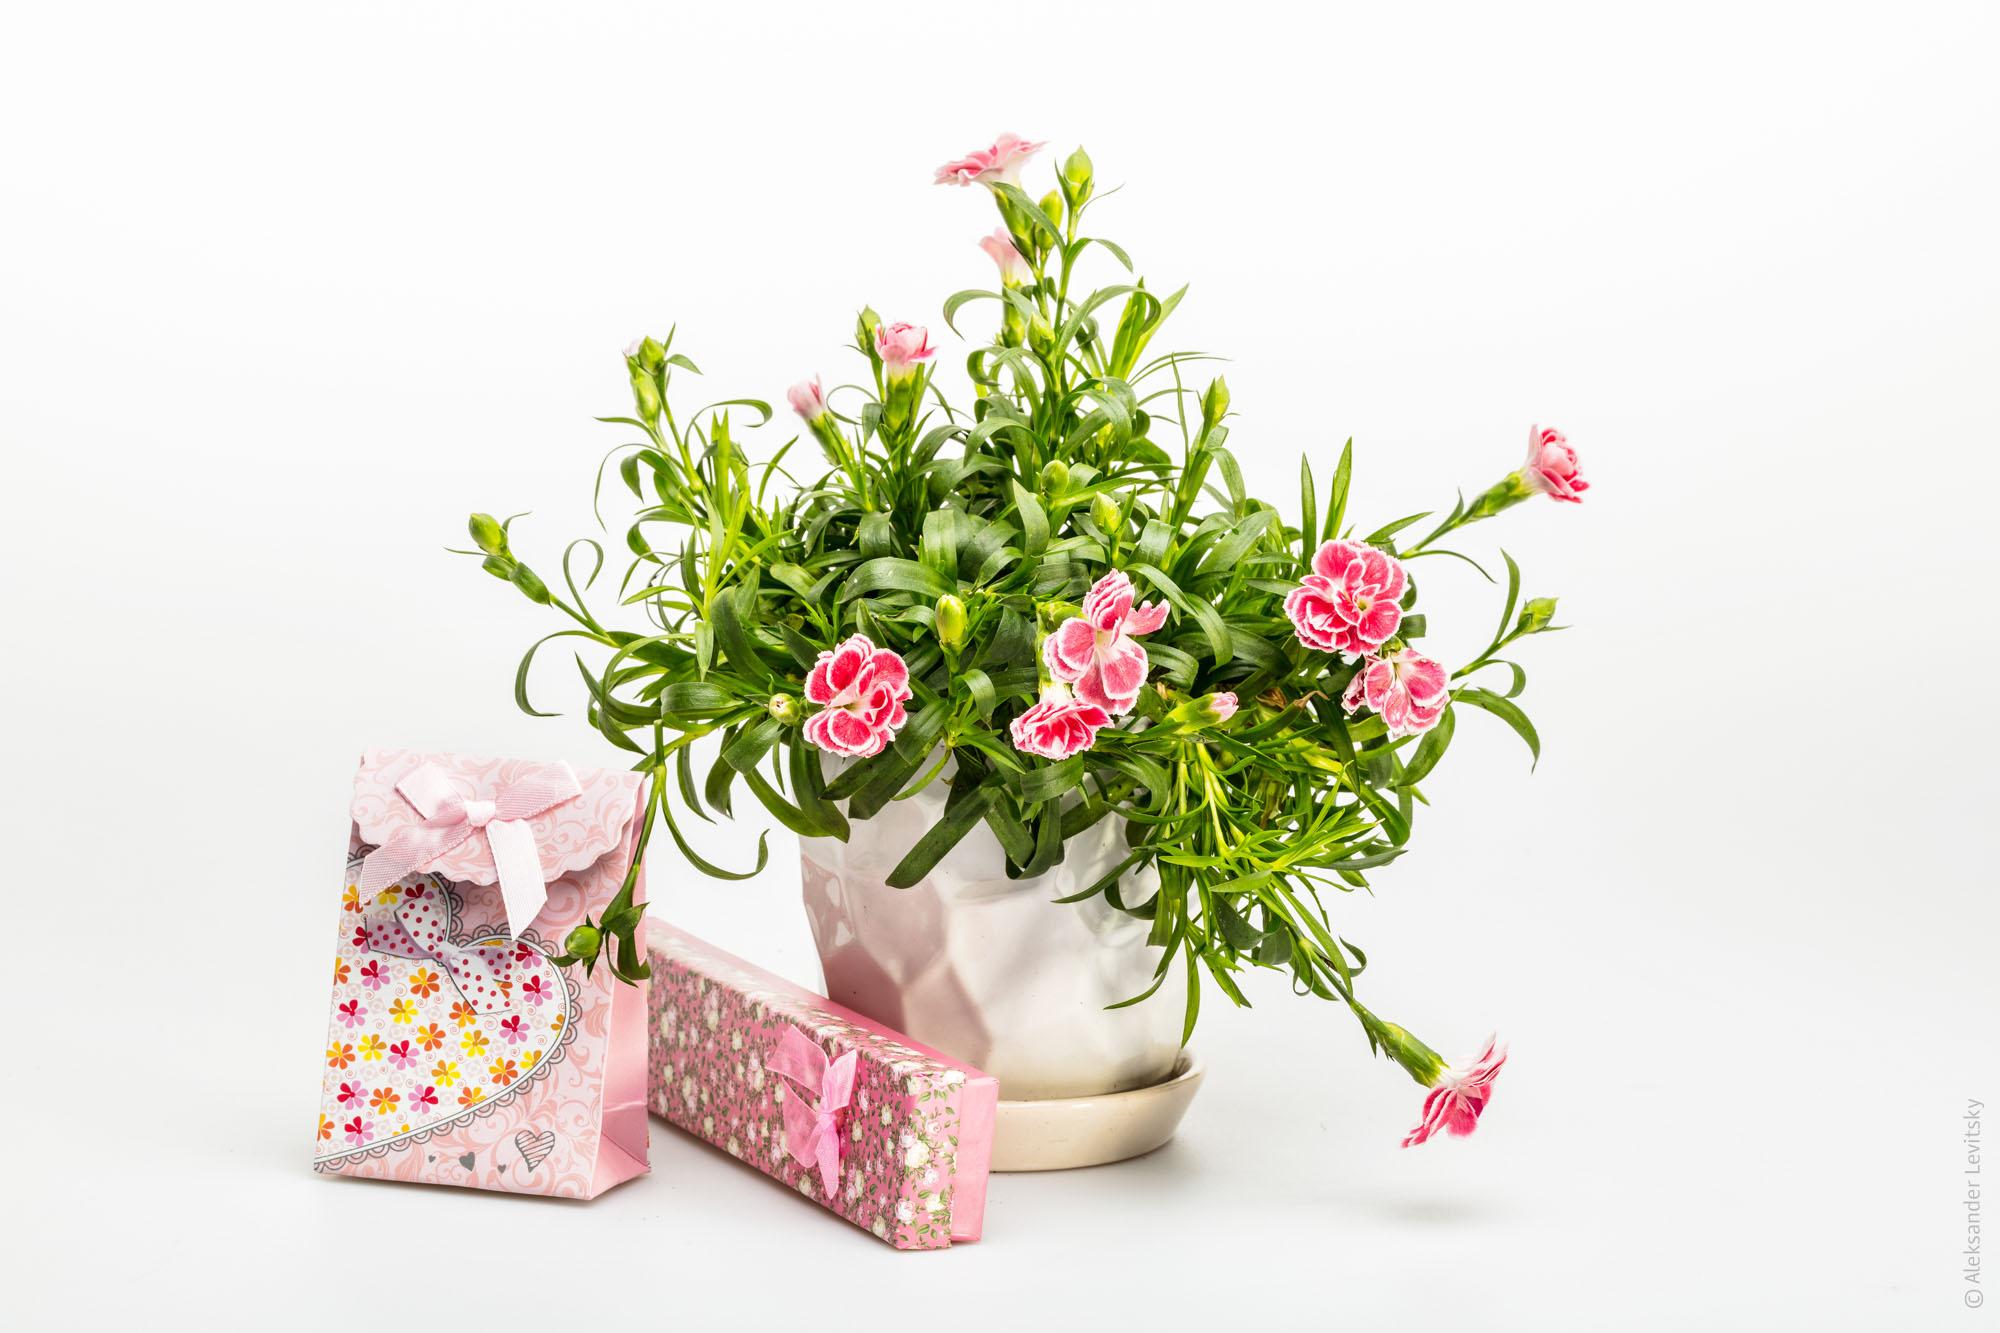 Фотография предметов ко дню Святого Валентина